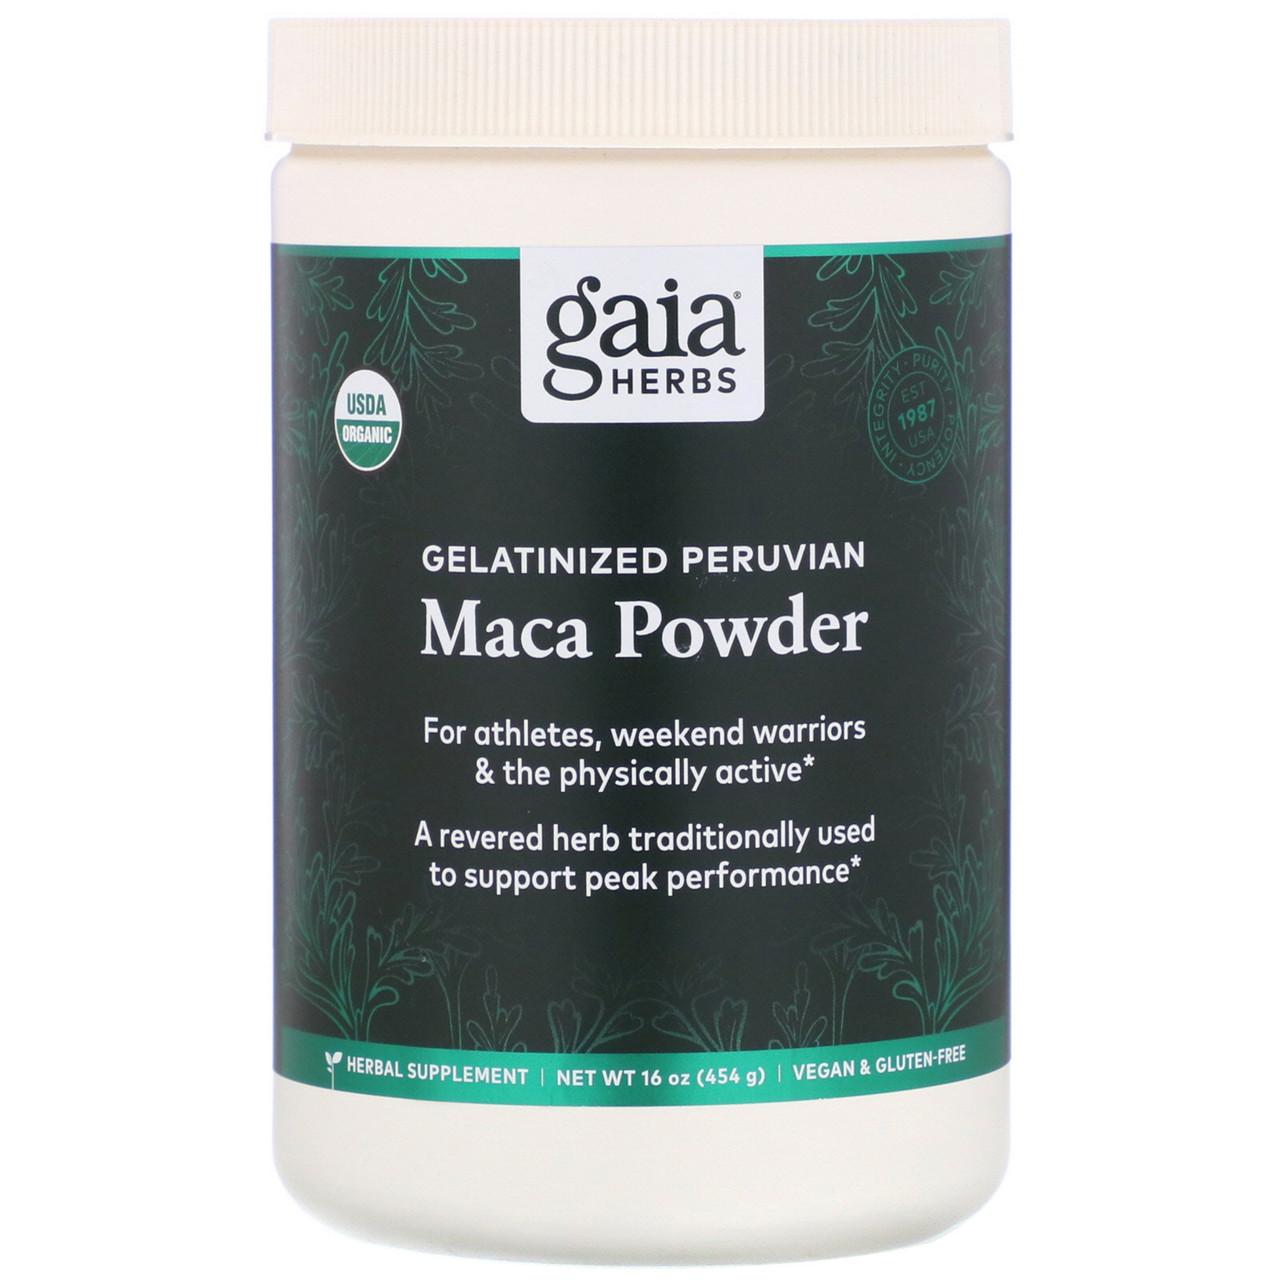 Маку (Maca Powder, Gelatinized), Gaia Herbs, порошок, желатинизированный, 454 г